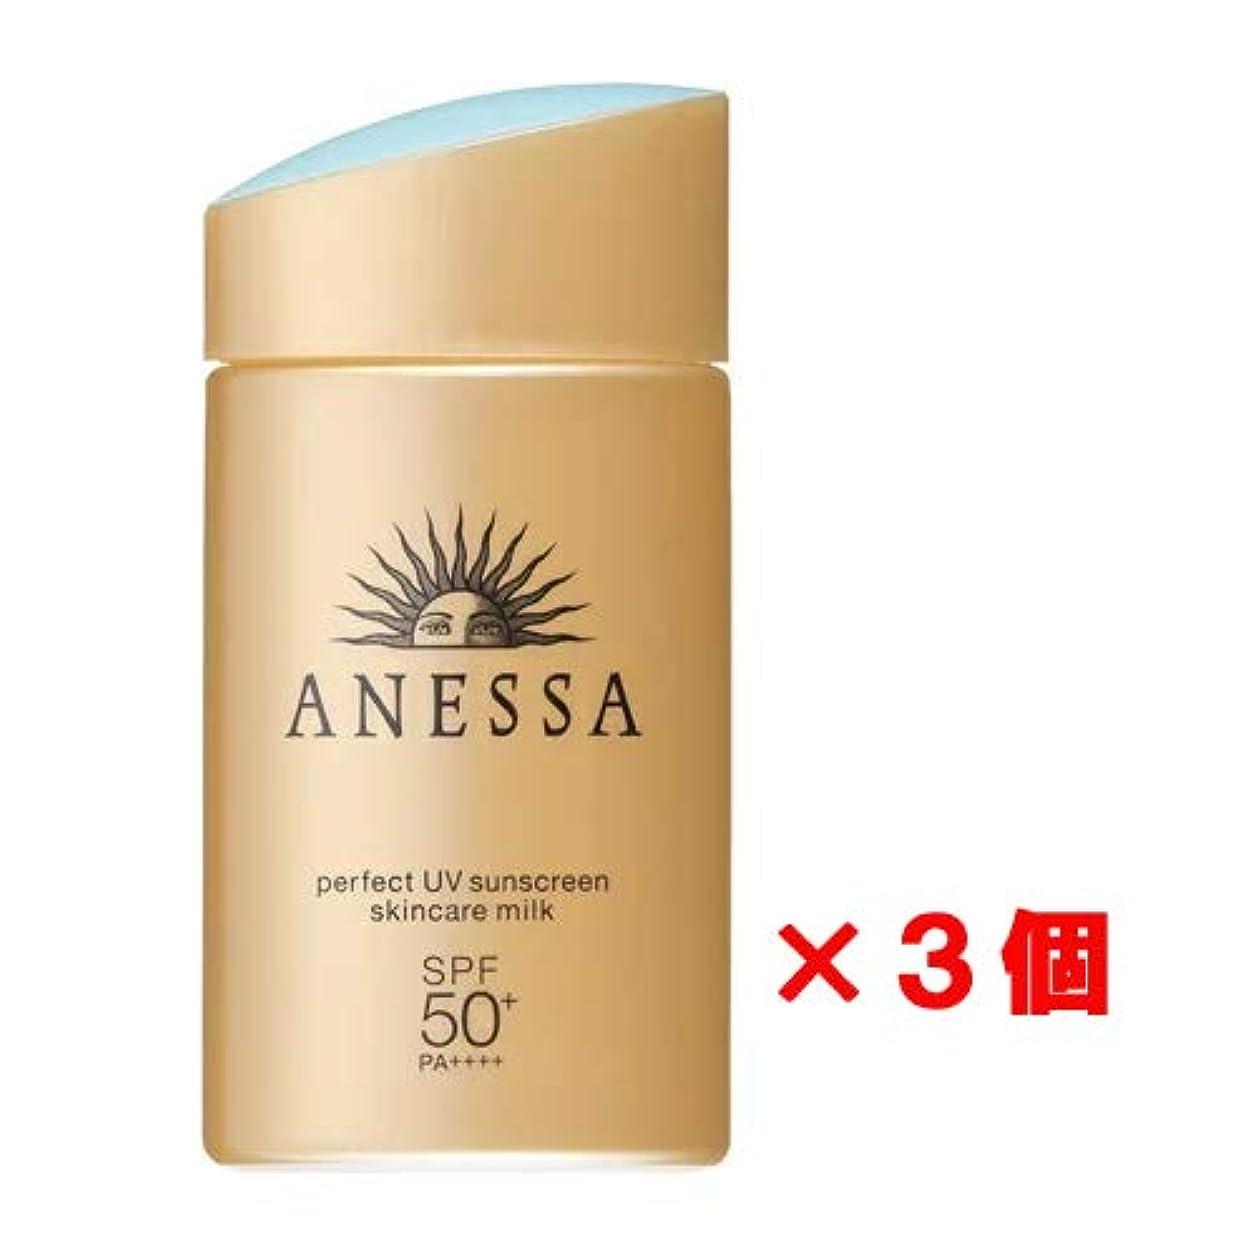 保護する簡単に弱点アネッサ パーフェクトUV スキンケアミルク SPF50+/PA++++ 60mL ×3個セット